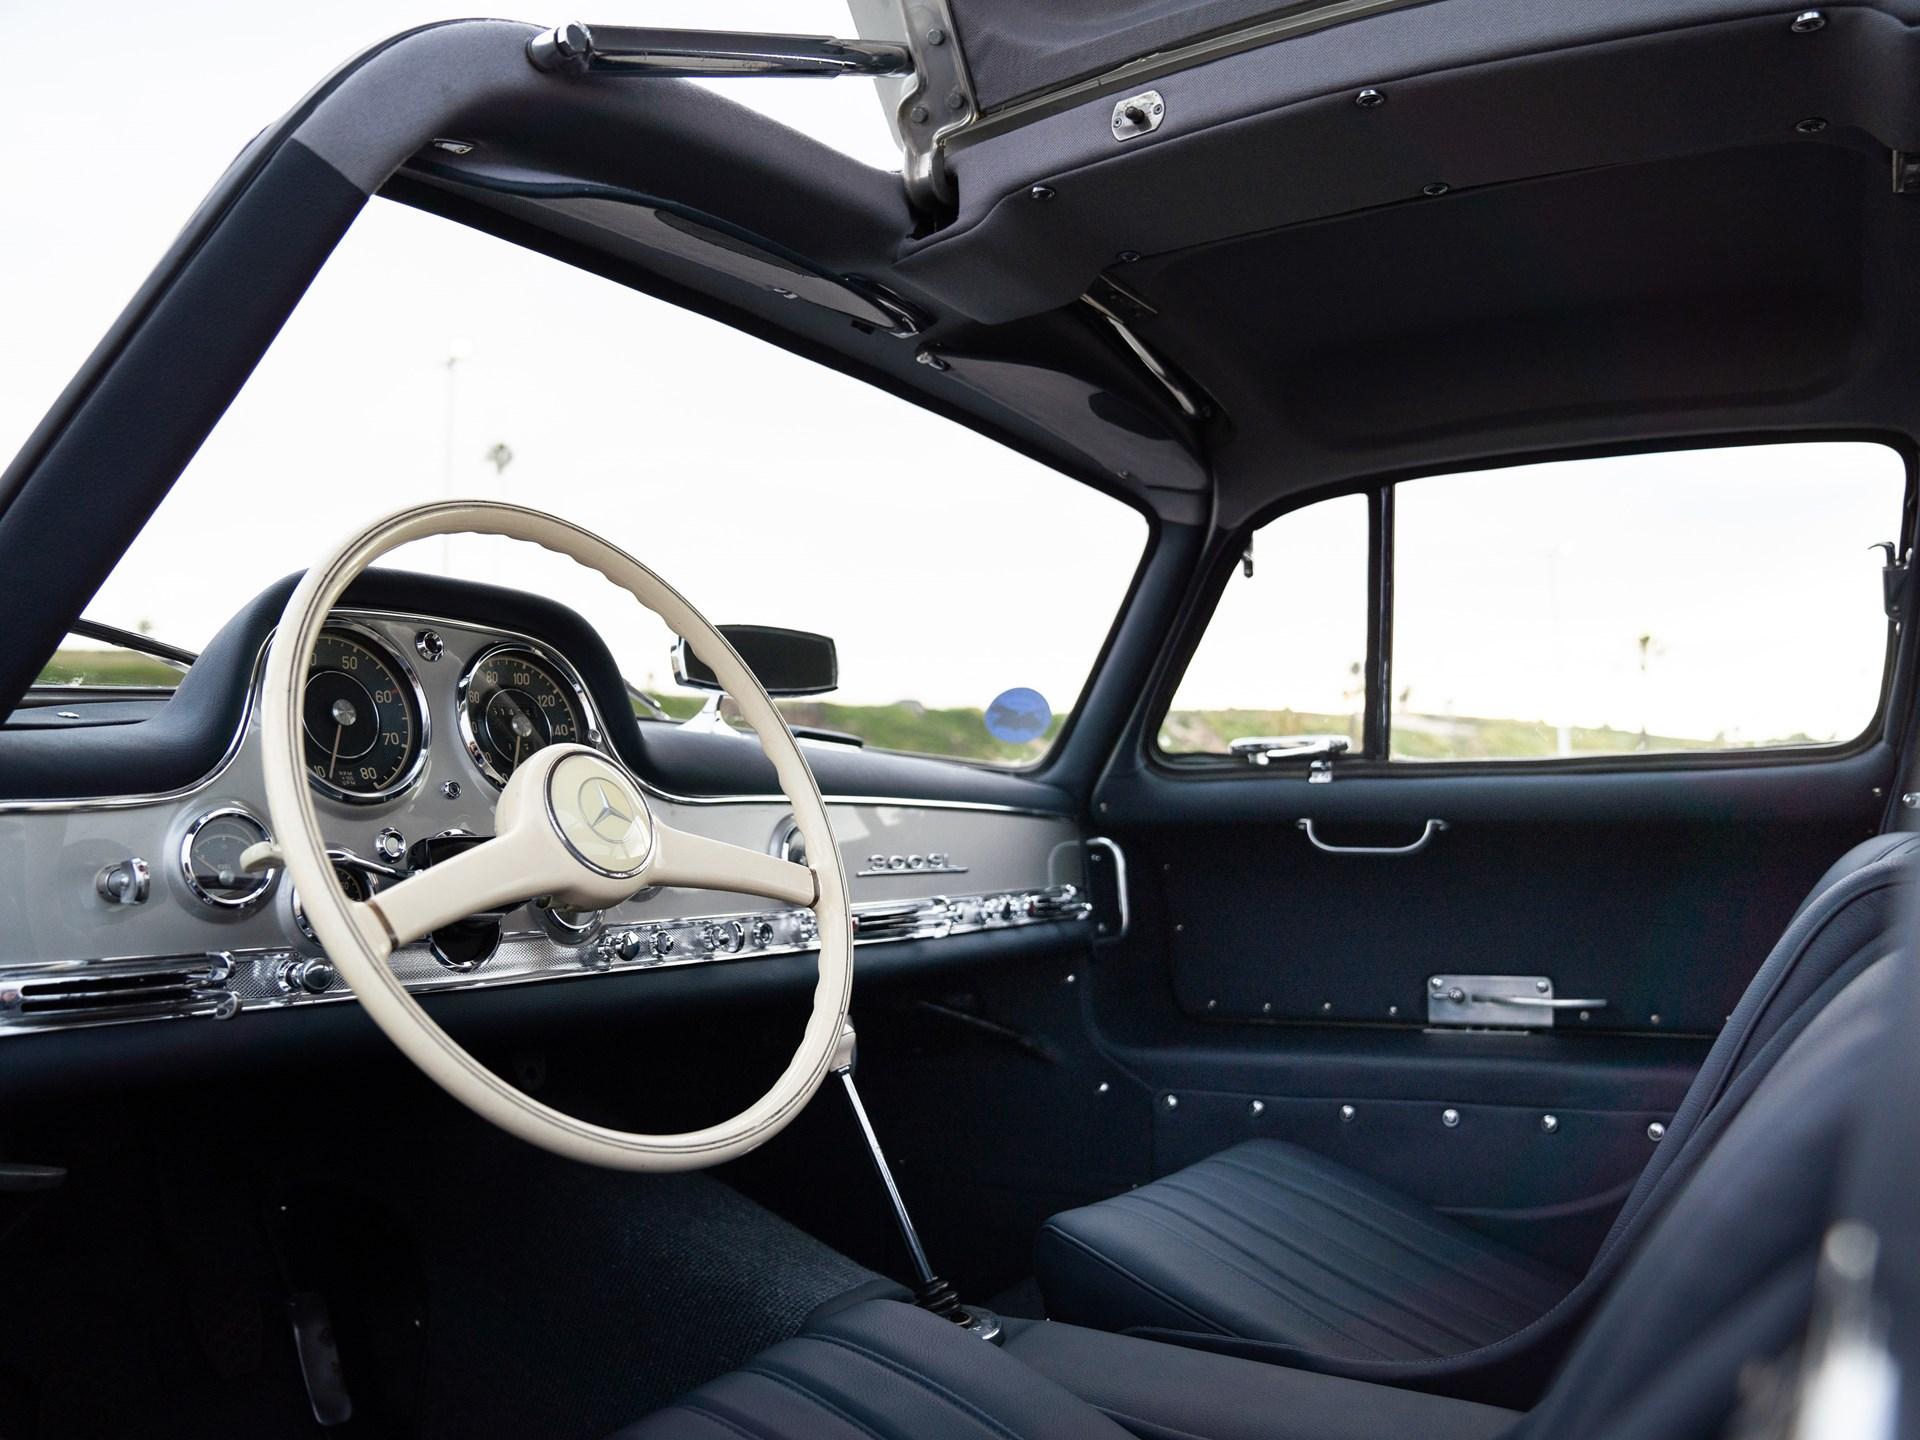 1955 Mercedes-Benz 300 SL Gullwing interior driver